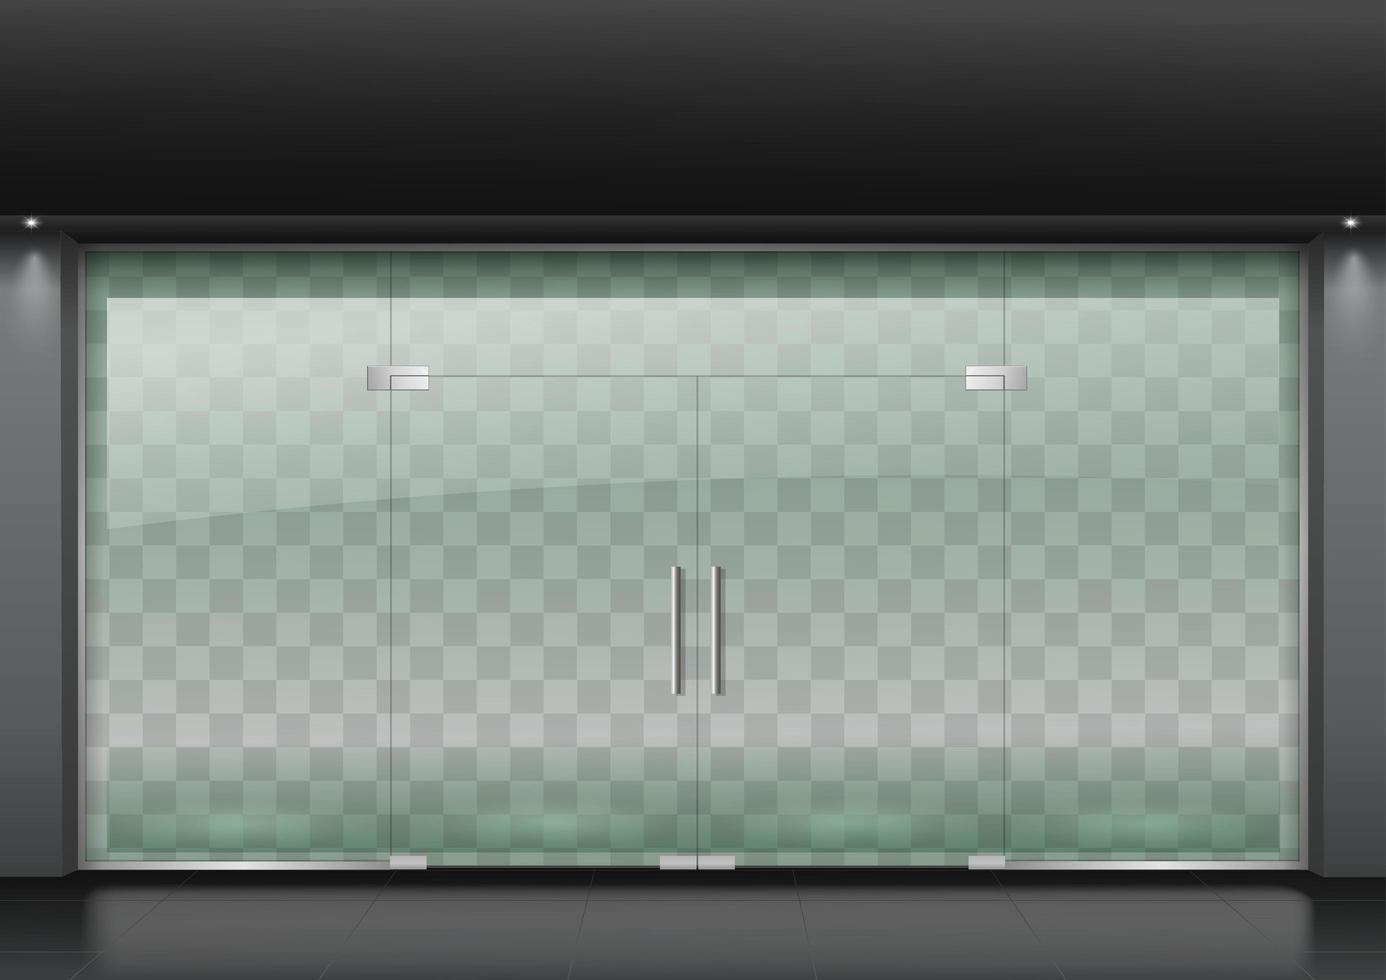 Glass door facade for shopping center vector